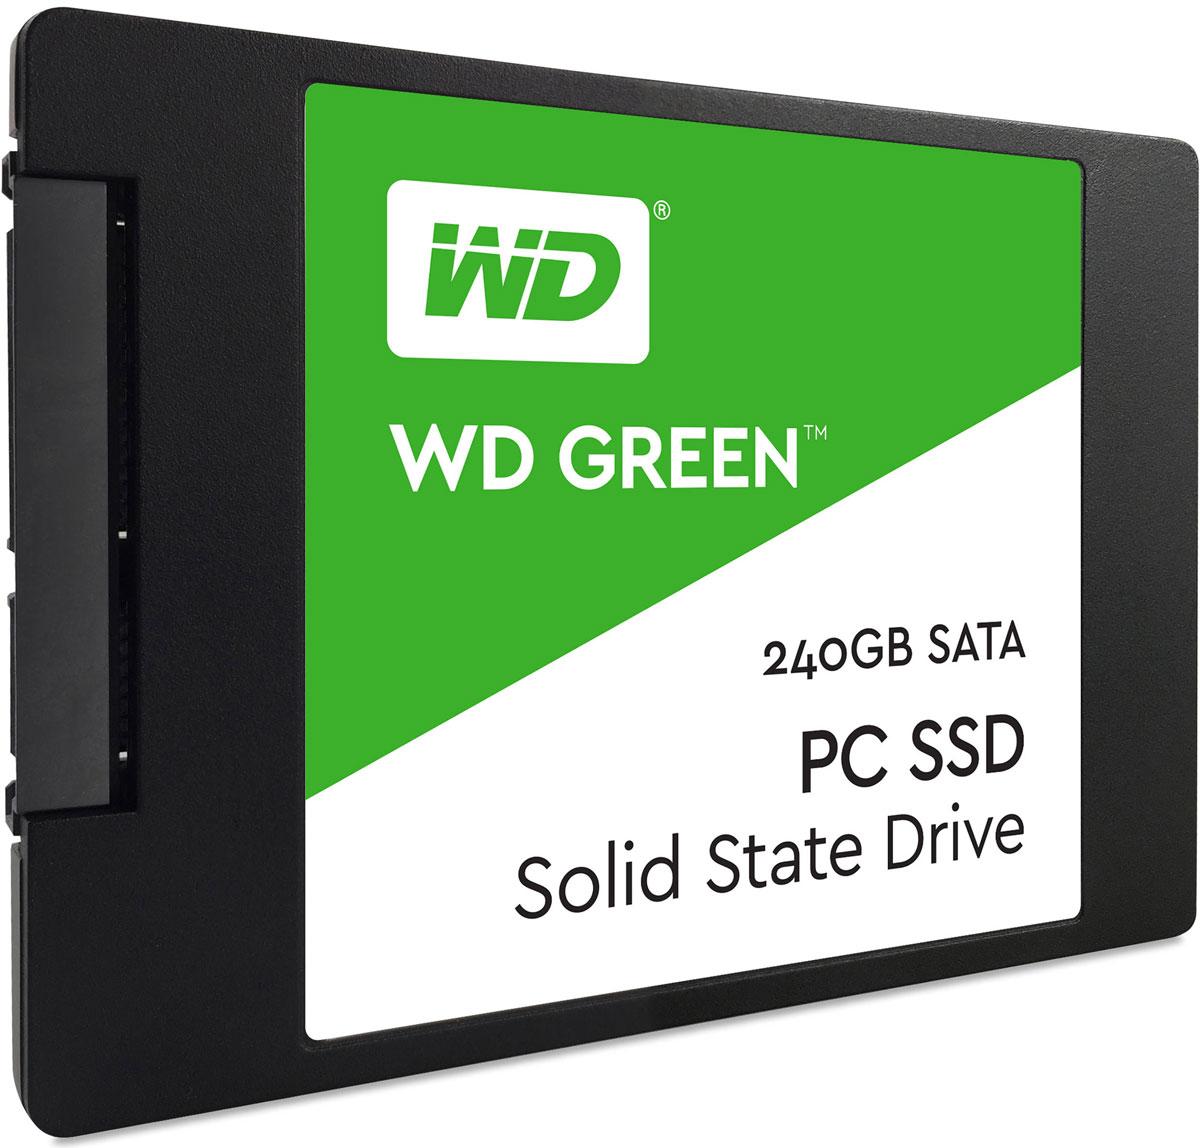 WD Green 240GB SSD-накопитель (WDS240G1G0A)WDS240G1G0AБлагодаря высокому быстродействию и надежности твердотельных накопителей WD Green повседневные задачи на ноутбуках и настольных ПК выполняются значительно быстрее.Благодаря высокому быстродействию за счет использования в WD Green твердотельного SATA-накопителя просмотр веб-страниц, игры или просто запуск системы будут происходить в мгновение ока.Легкие и ударостойкие твердотельные накопители WD Green не содержат подвижных частей, благодаря чему данным не страшны случайные удары или падения накопителя.Твердотельные накопители WD Green - одни из самых экономных накопителей в отрасли. Благодаря низкому потреблению энергии ноутбук сможет проработать дольше.Доступная для скачивания панель мониторинга SSD-накопителей WD предоставляет набор инструментов, с помощью которых можно в любой момент проверить доступную емкость, работоспособность, температуру, атрибуты SMART и другие параметры своего твердотельного накопителя.На каждый твердотельный накопитель WD Green предоставляется 3-летняя ограниченная гарантия, которая застрахует ваш накопитель WD при хранении любых данных.